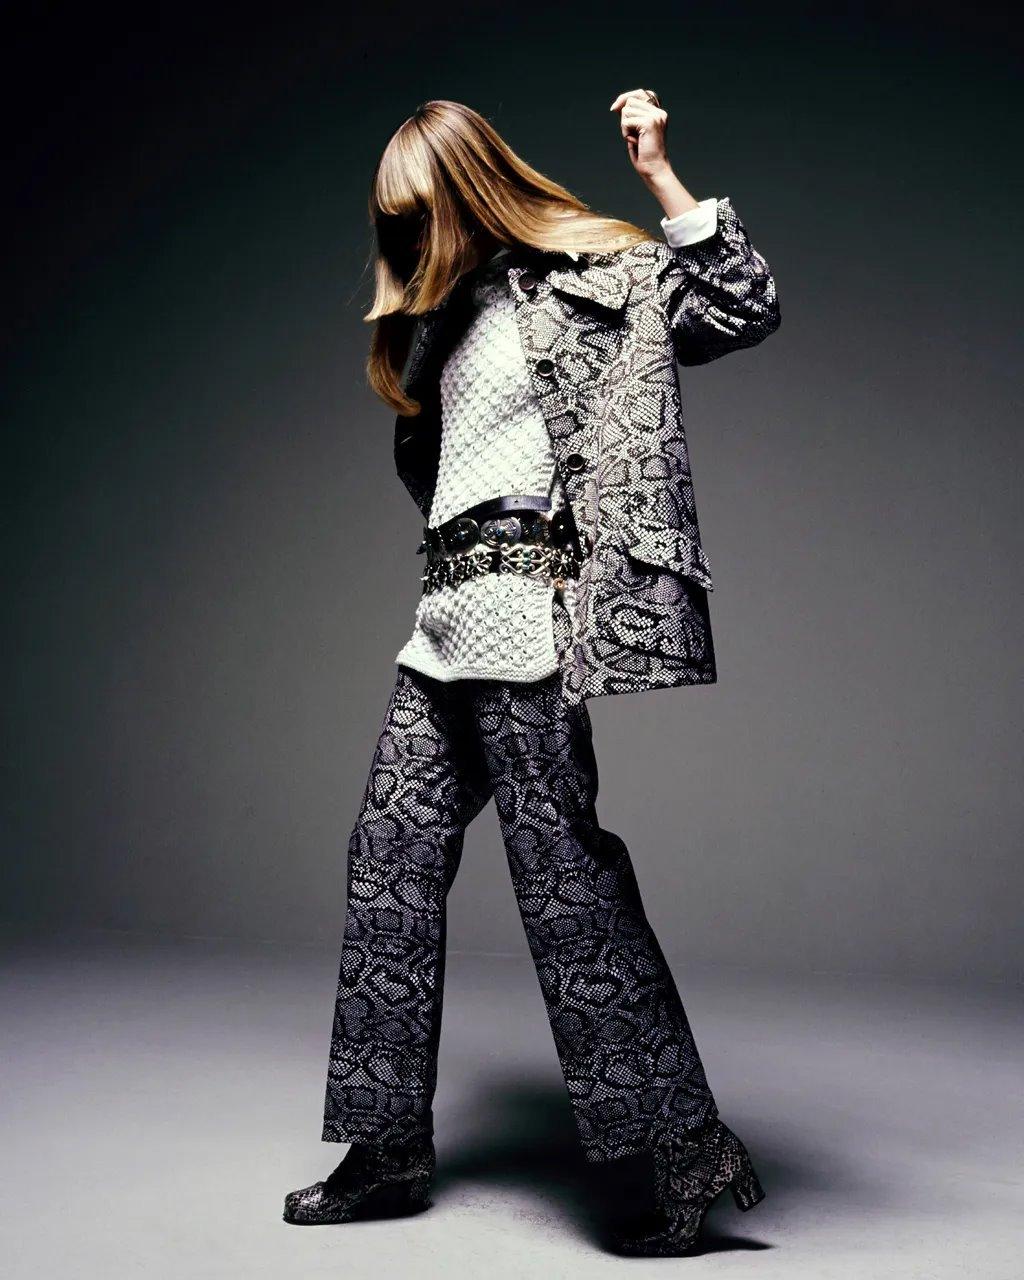 عكس موضة الستينات، كانت أزياء السبعينات مريحة والشعر طويل مسدل